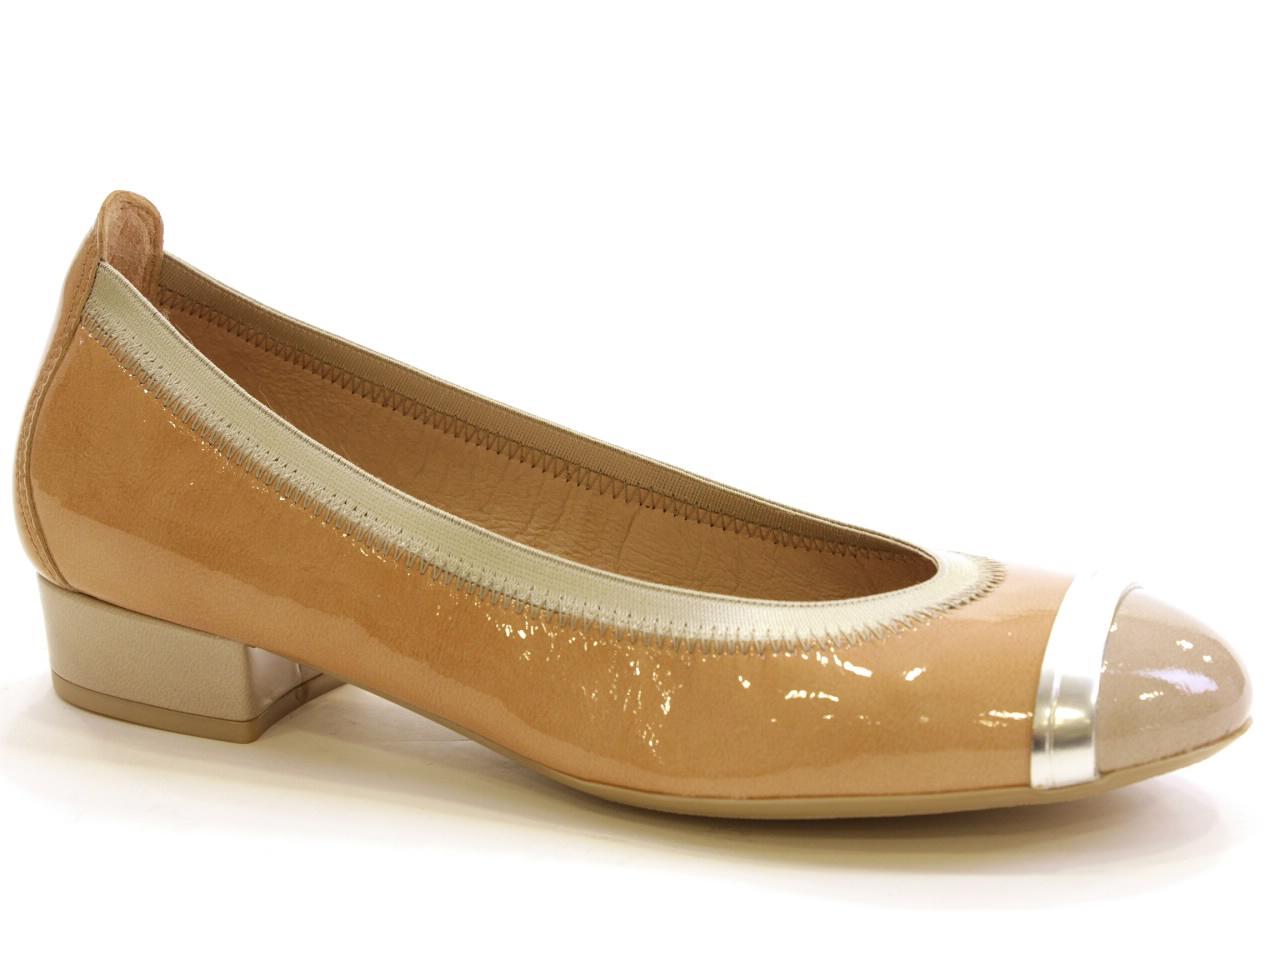 Zapatos Planos, Sabrinas, Mocassins Hispanitas - 165 HV49351